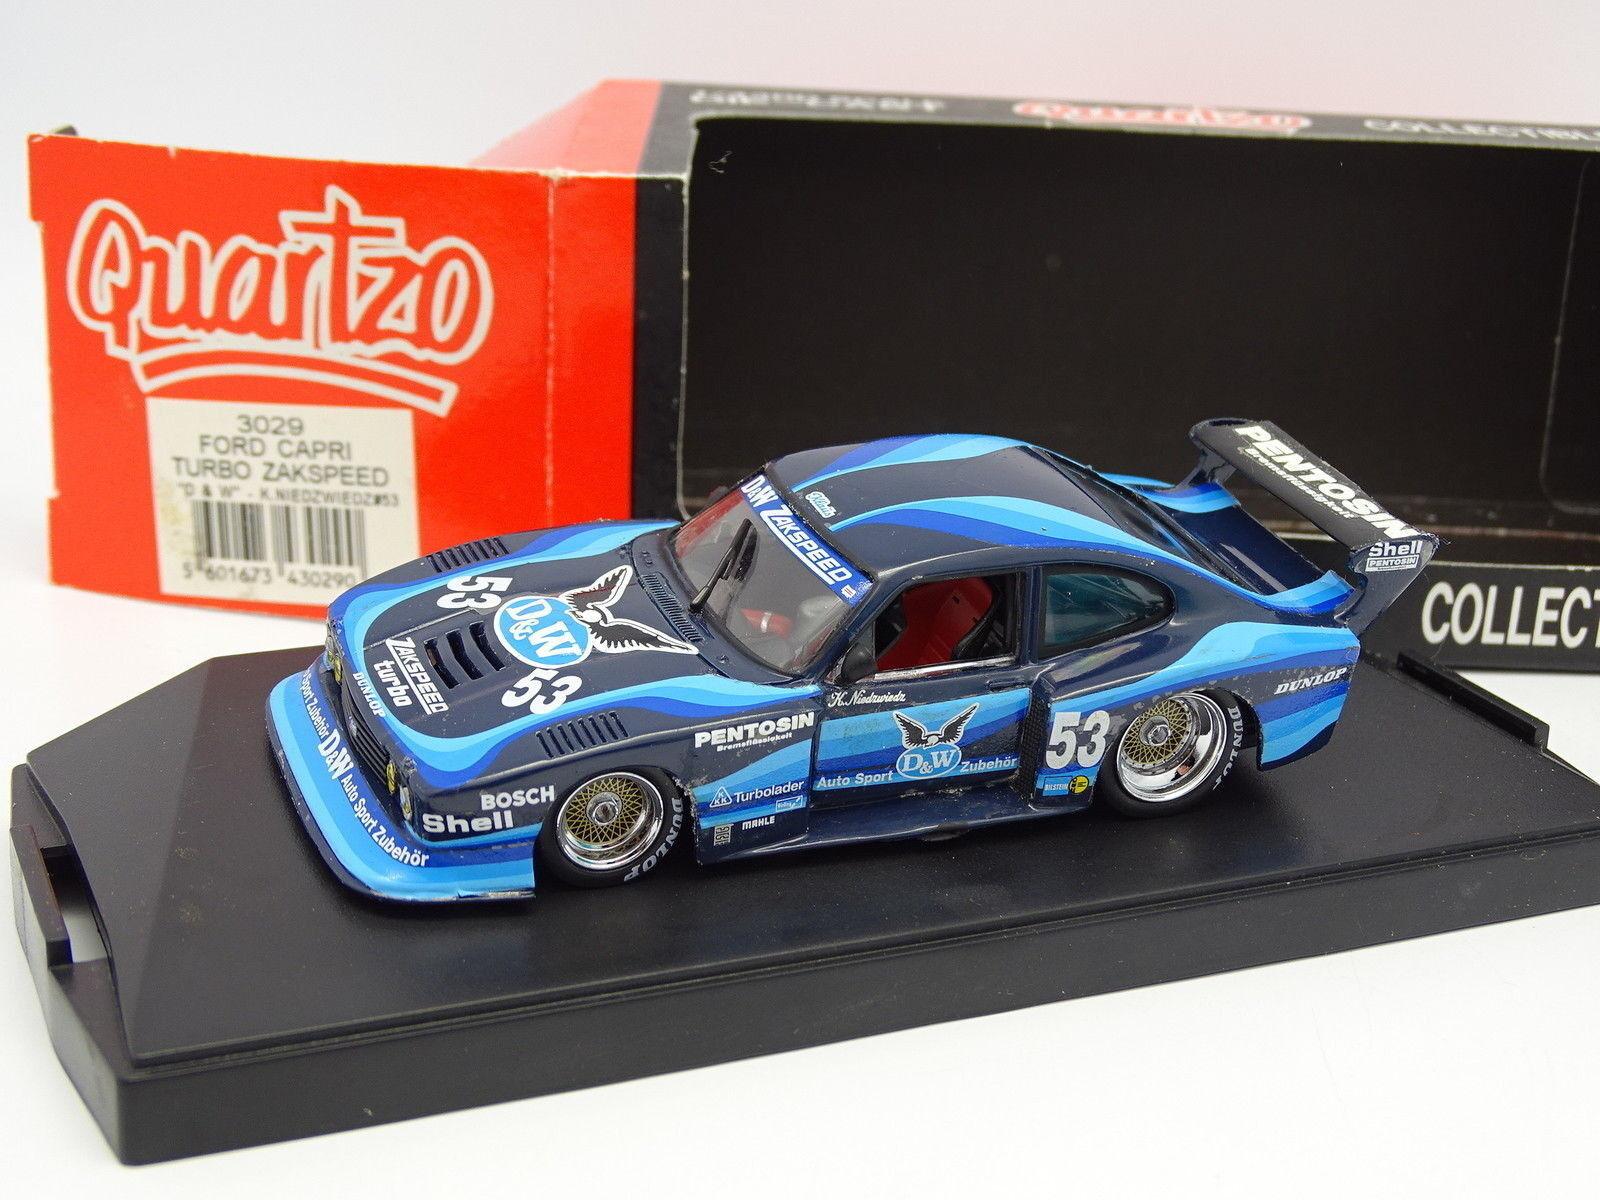 Quartzo 1 43 - Ford Capri Turbo Zakspeed D&W Drm 1980